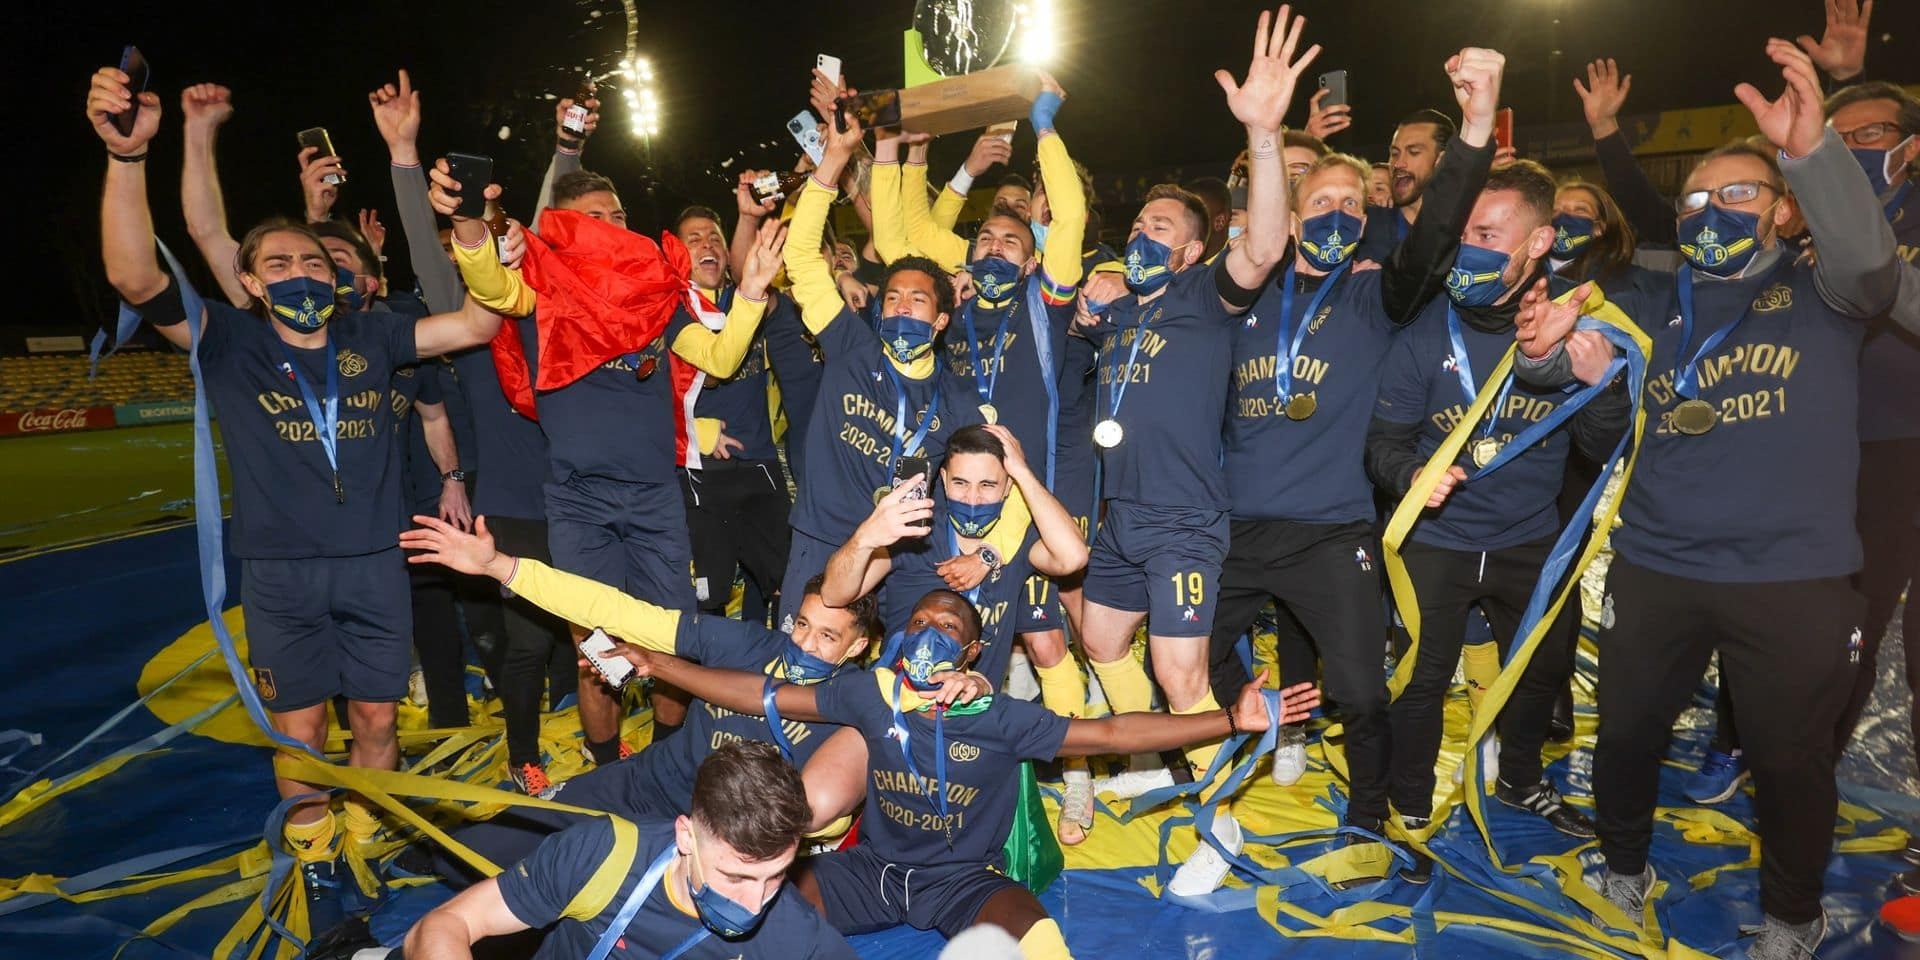 C'est l'Union qui sourit : les 5 moments clés d'une saison historique